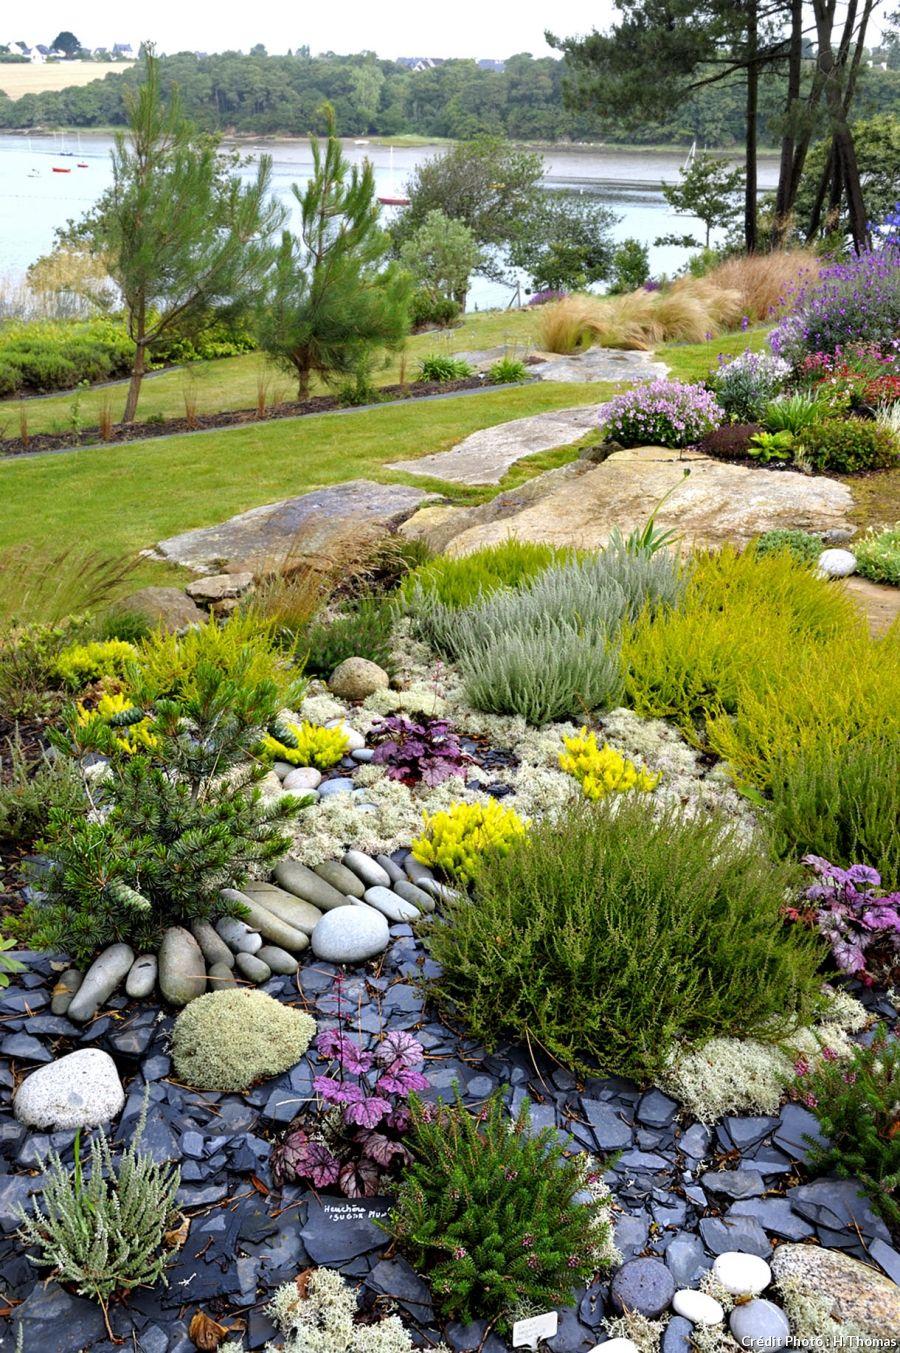 Un jardin breton d agapanthes et d hortensias bleus rockery pinterest garden design - Couvre sol jardin japonais ...